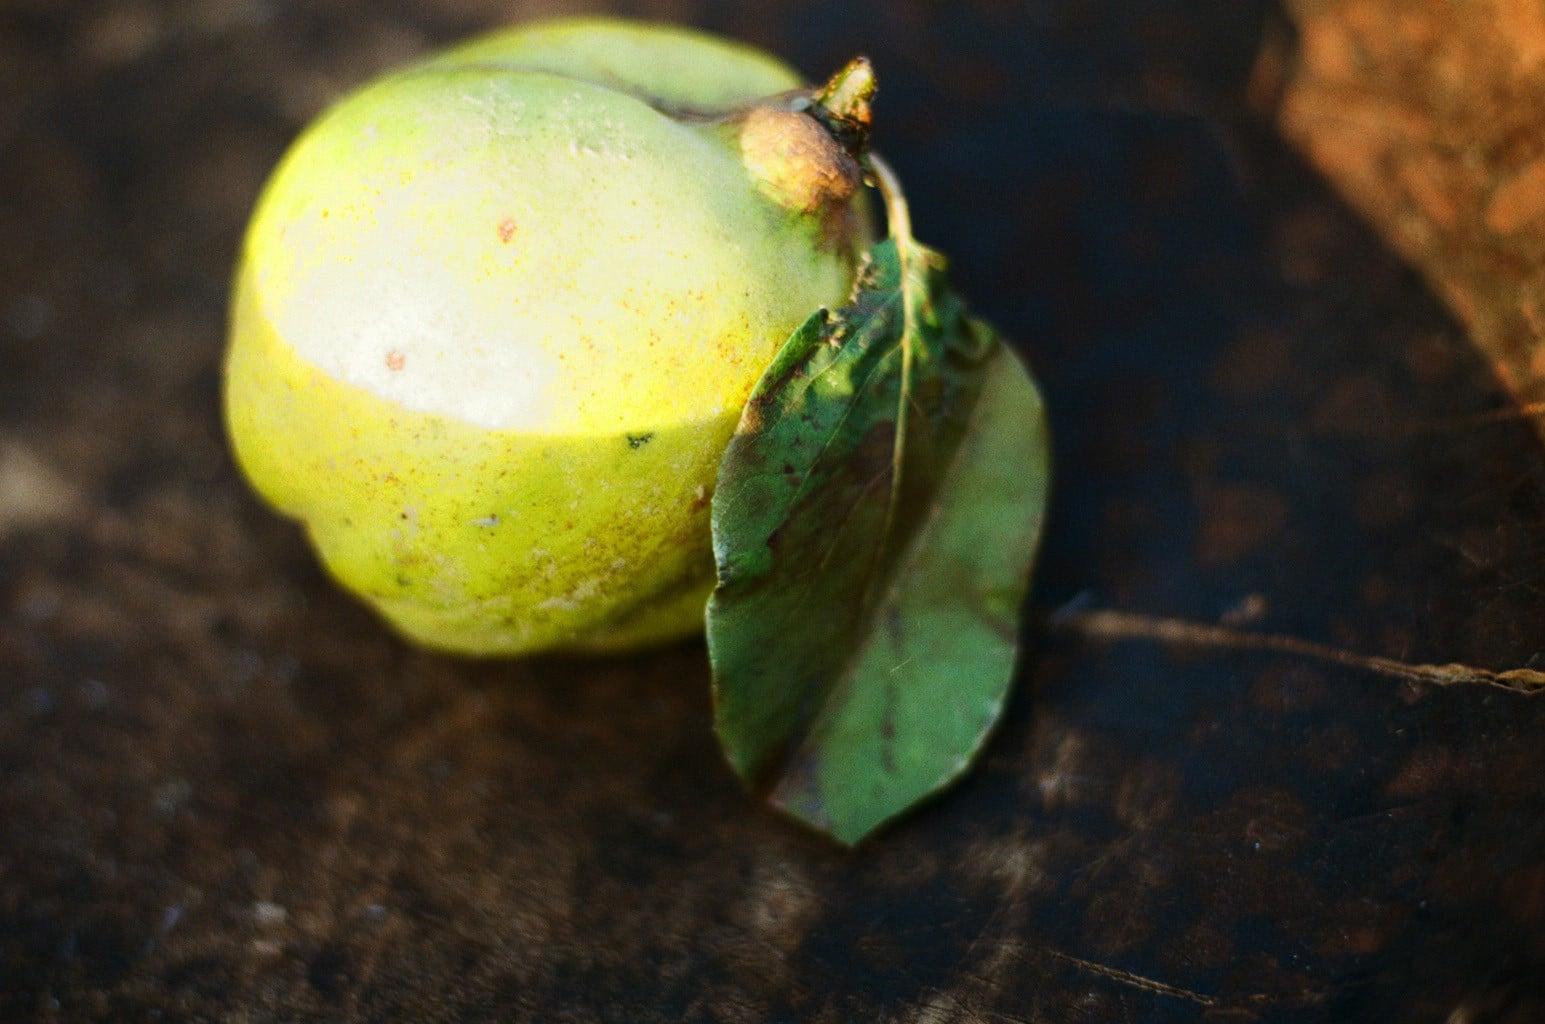 小雪イメージ 花梨の実